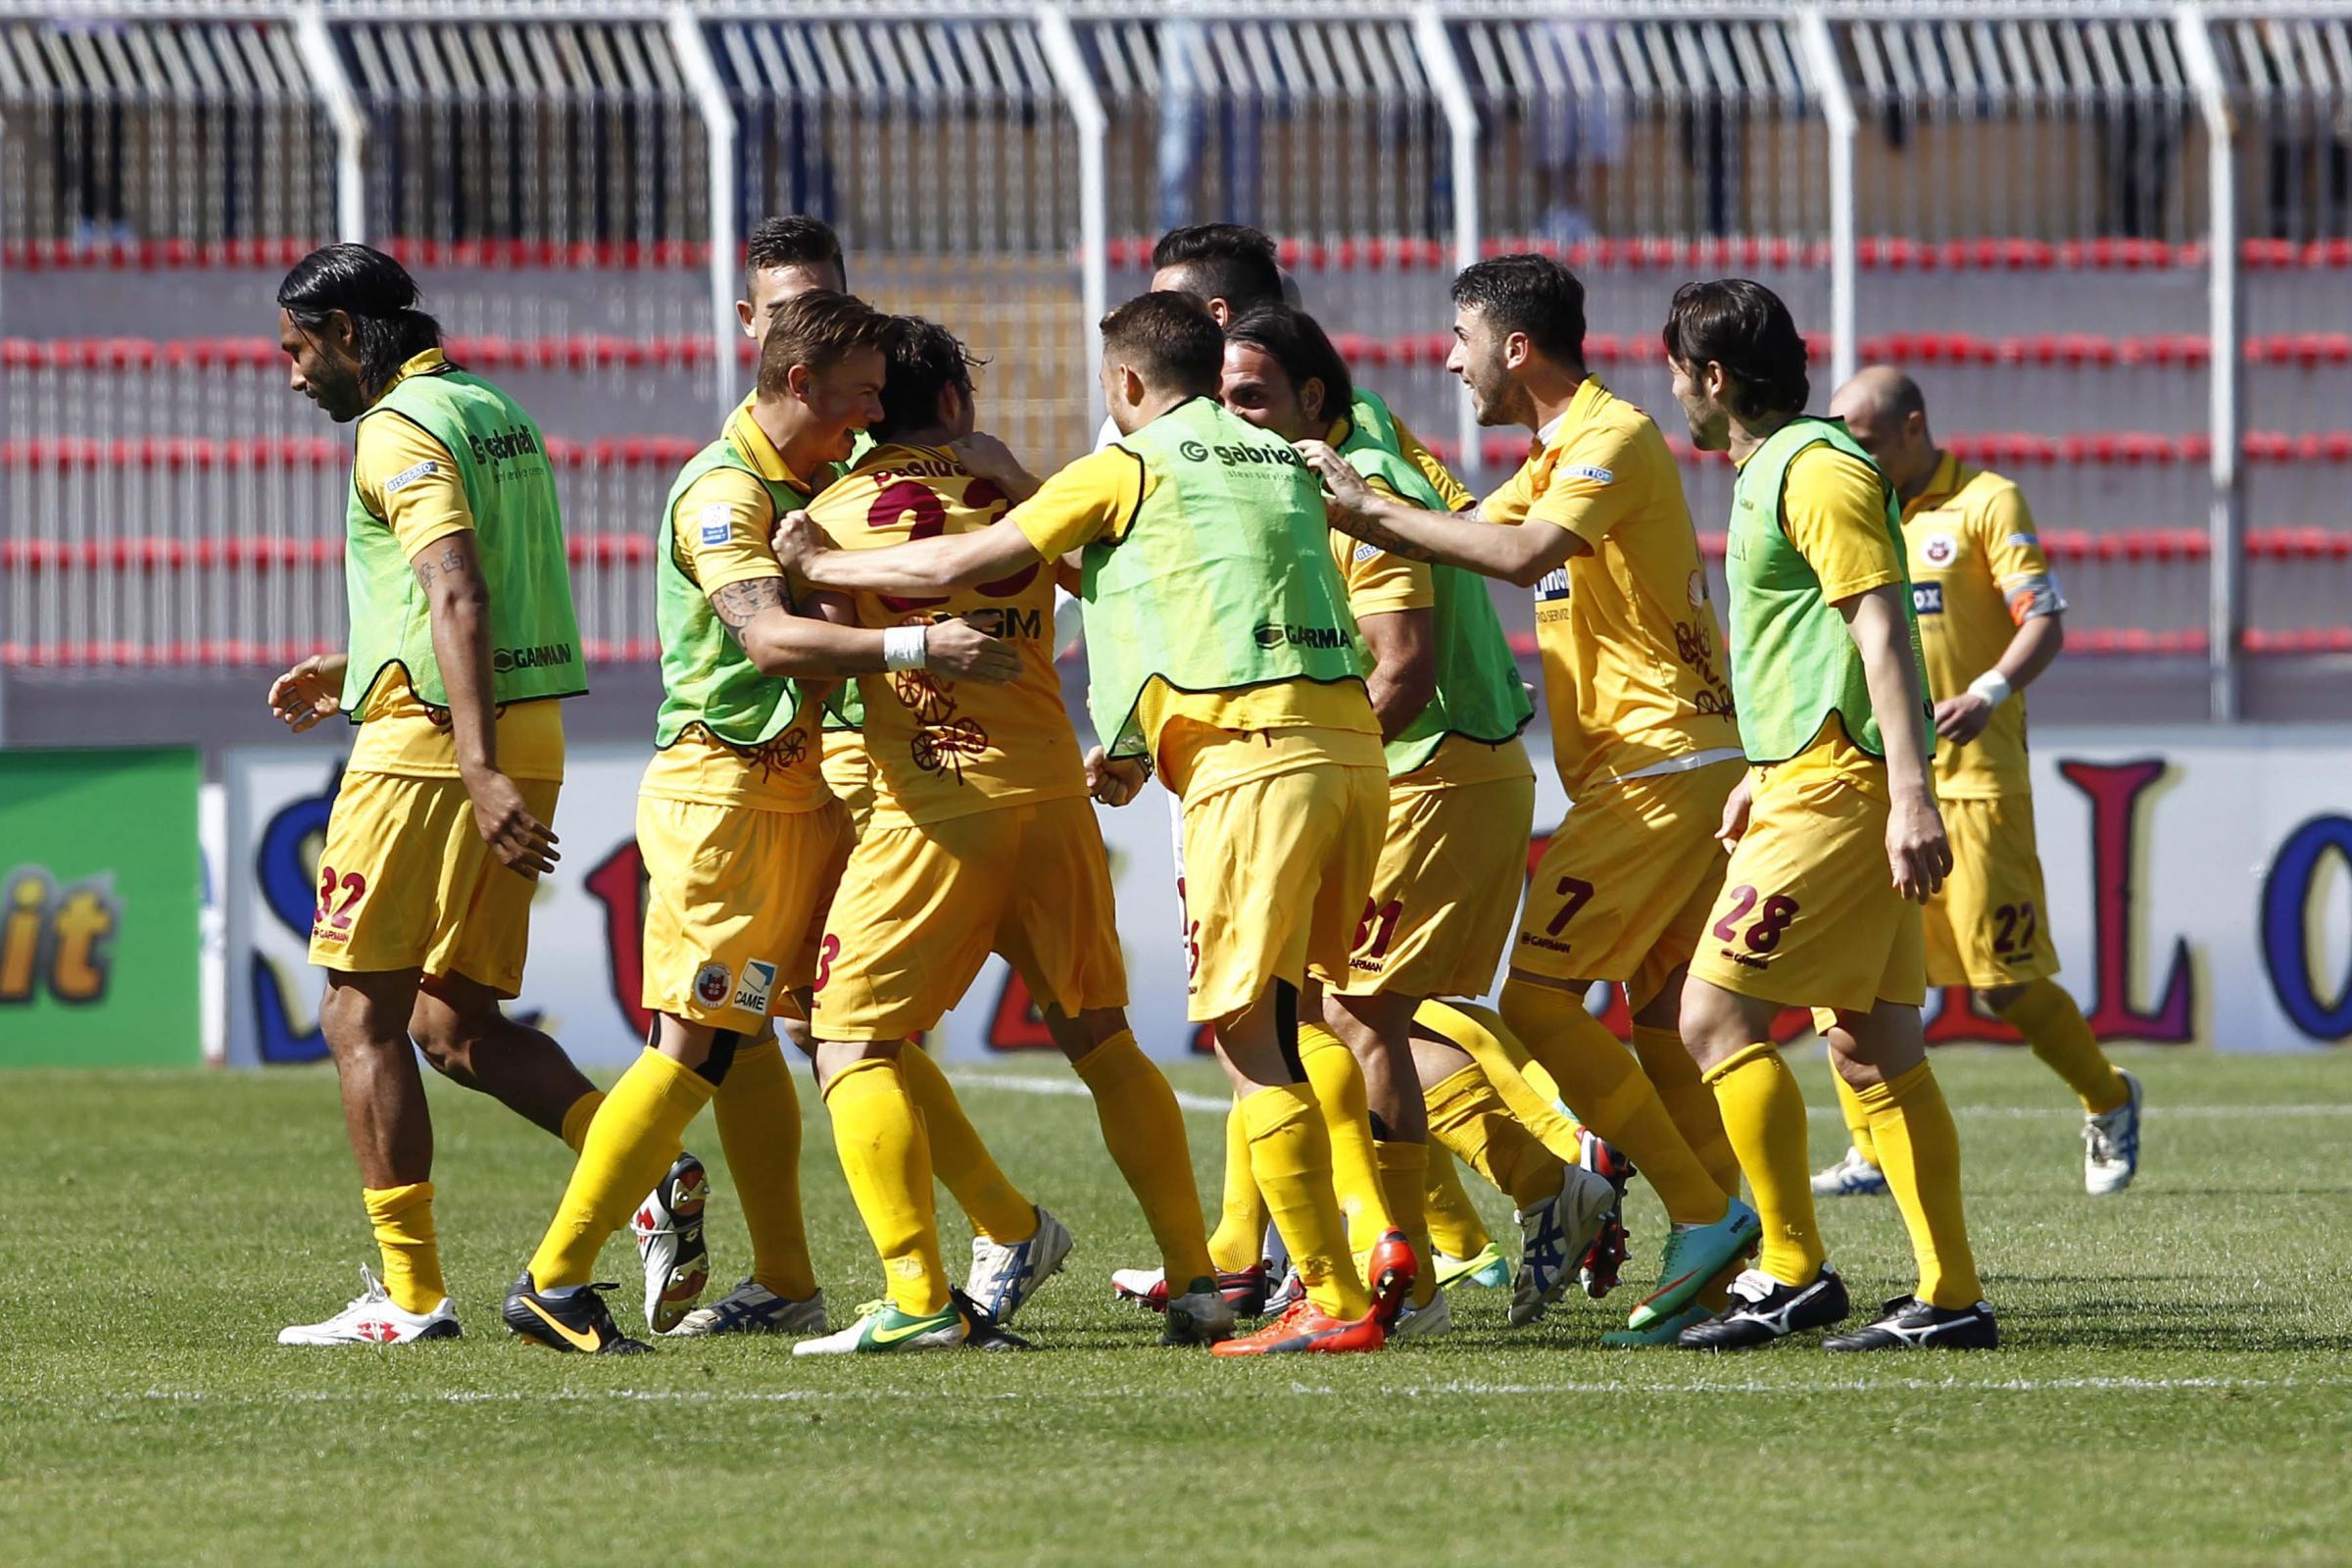 Paolucci festeggiato dai compagni dopo il gol vittoria.